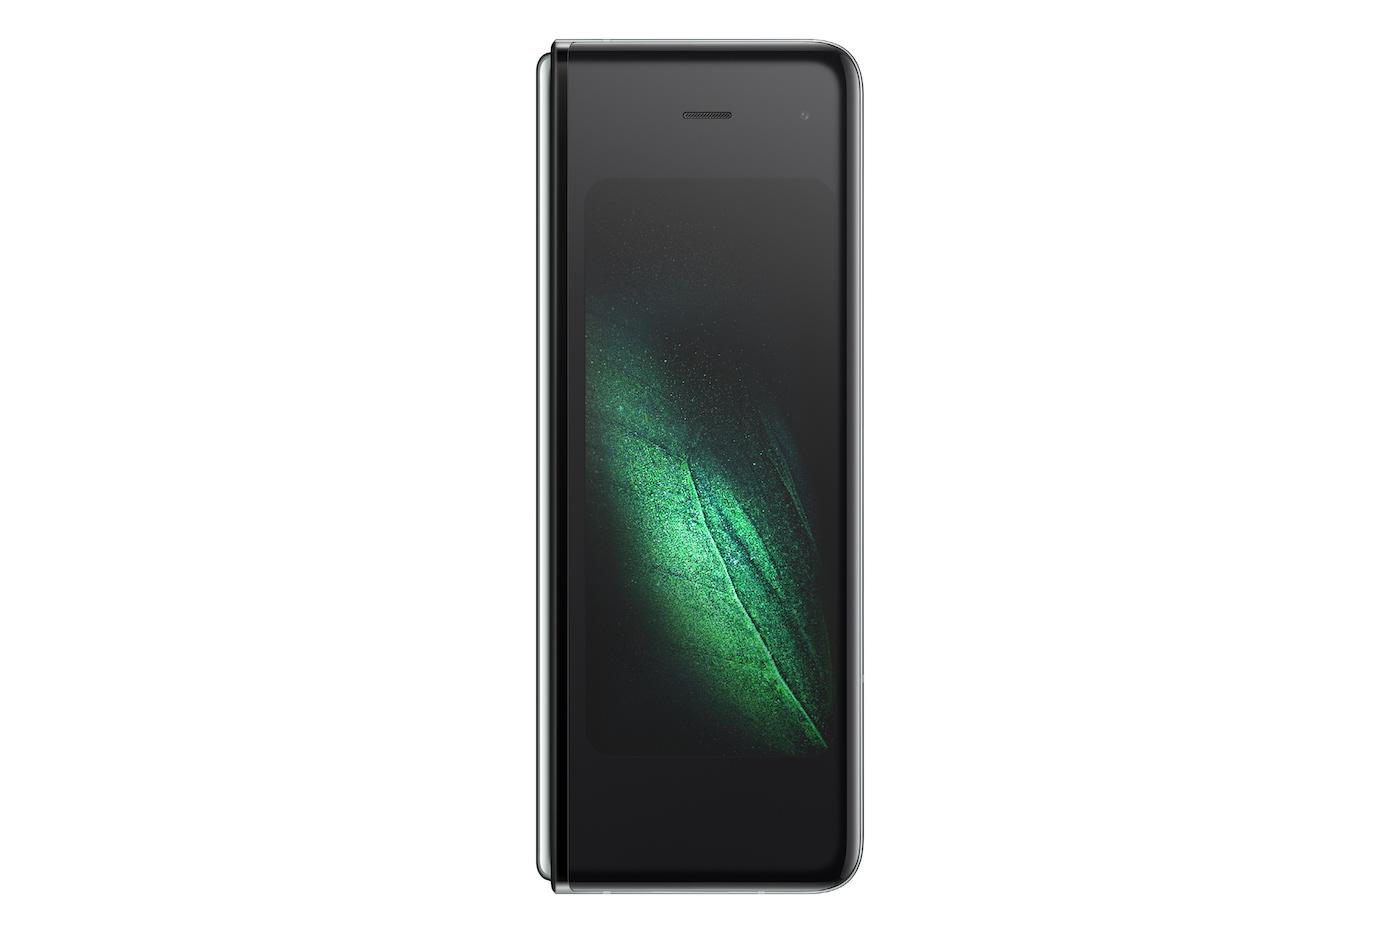 Das gefaltete Smartphone von Samsung: Das Galaxy Fold 3